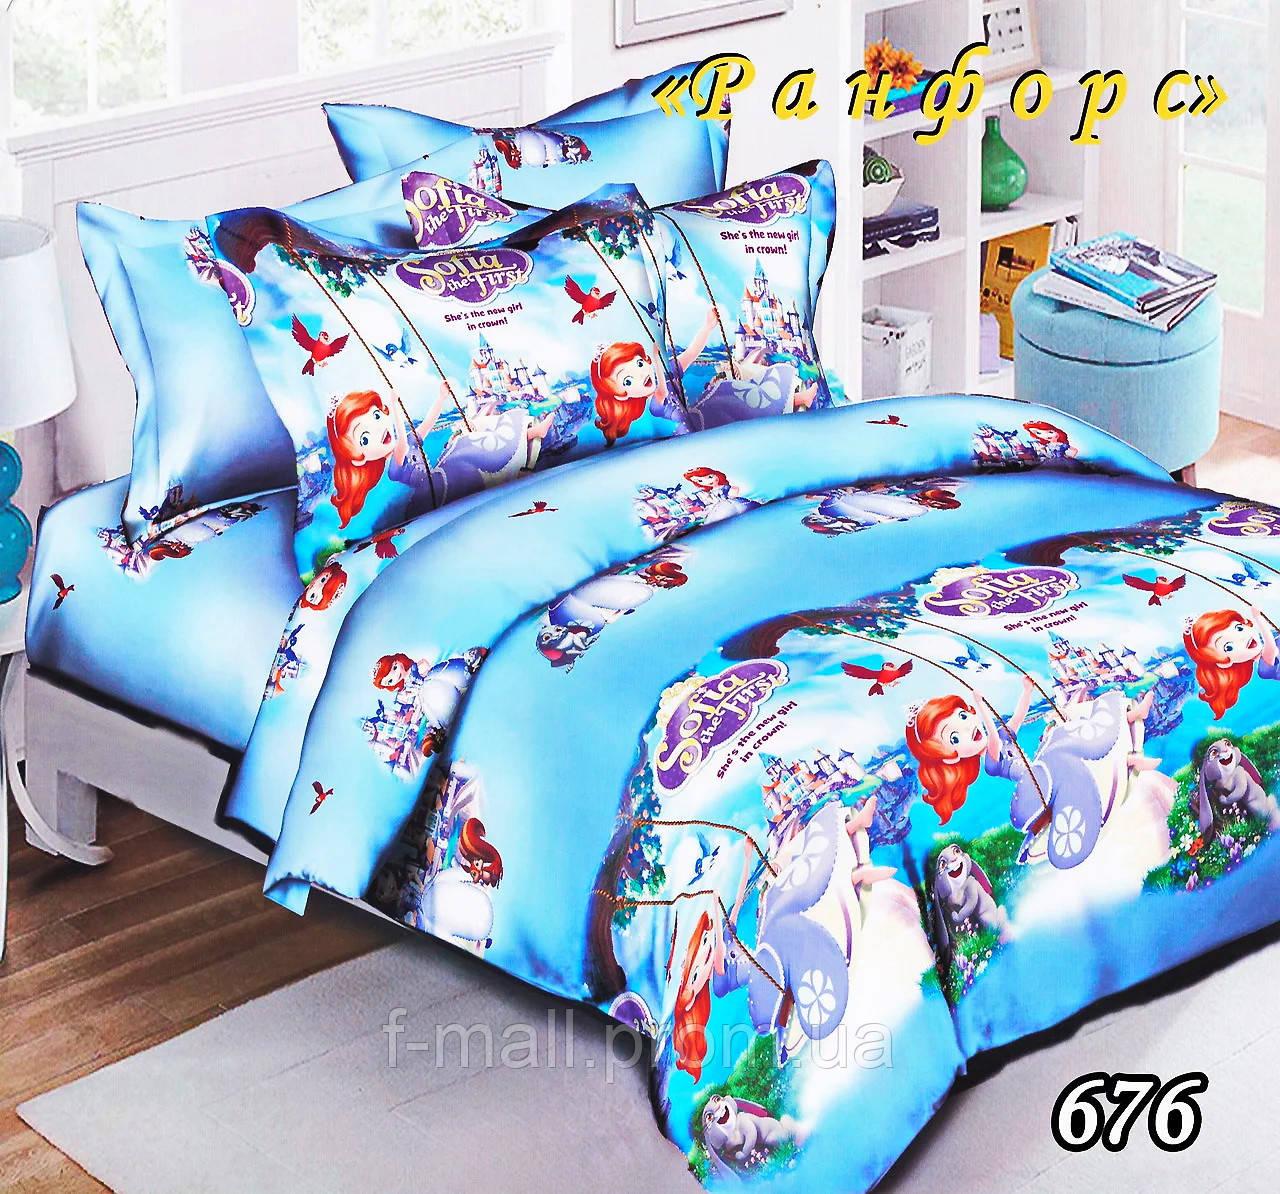 Комплект детского постельного белья Тет-А-Тет (Украина) ранфорс полуторное (676)